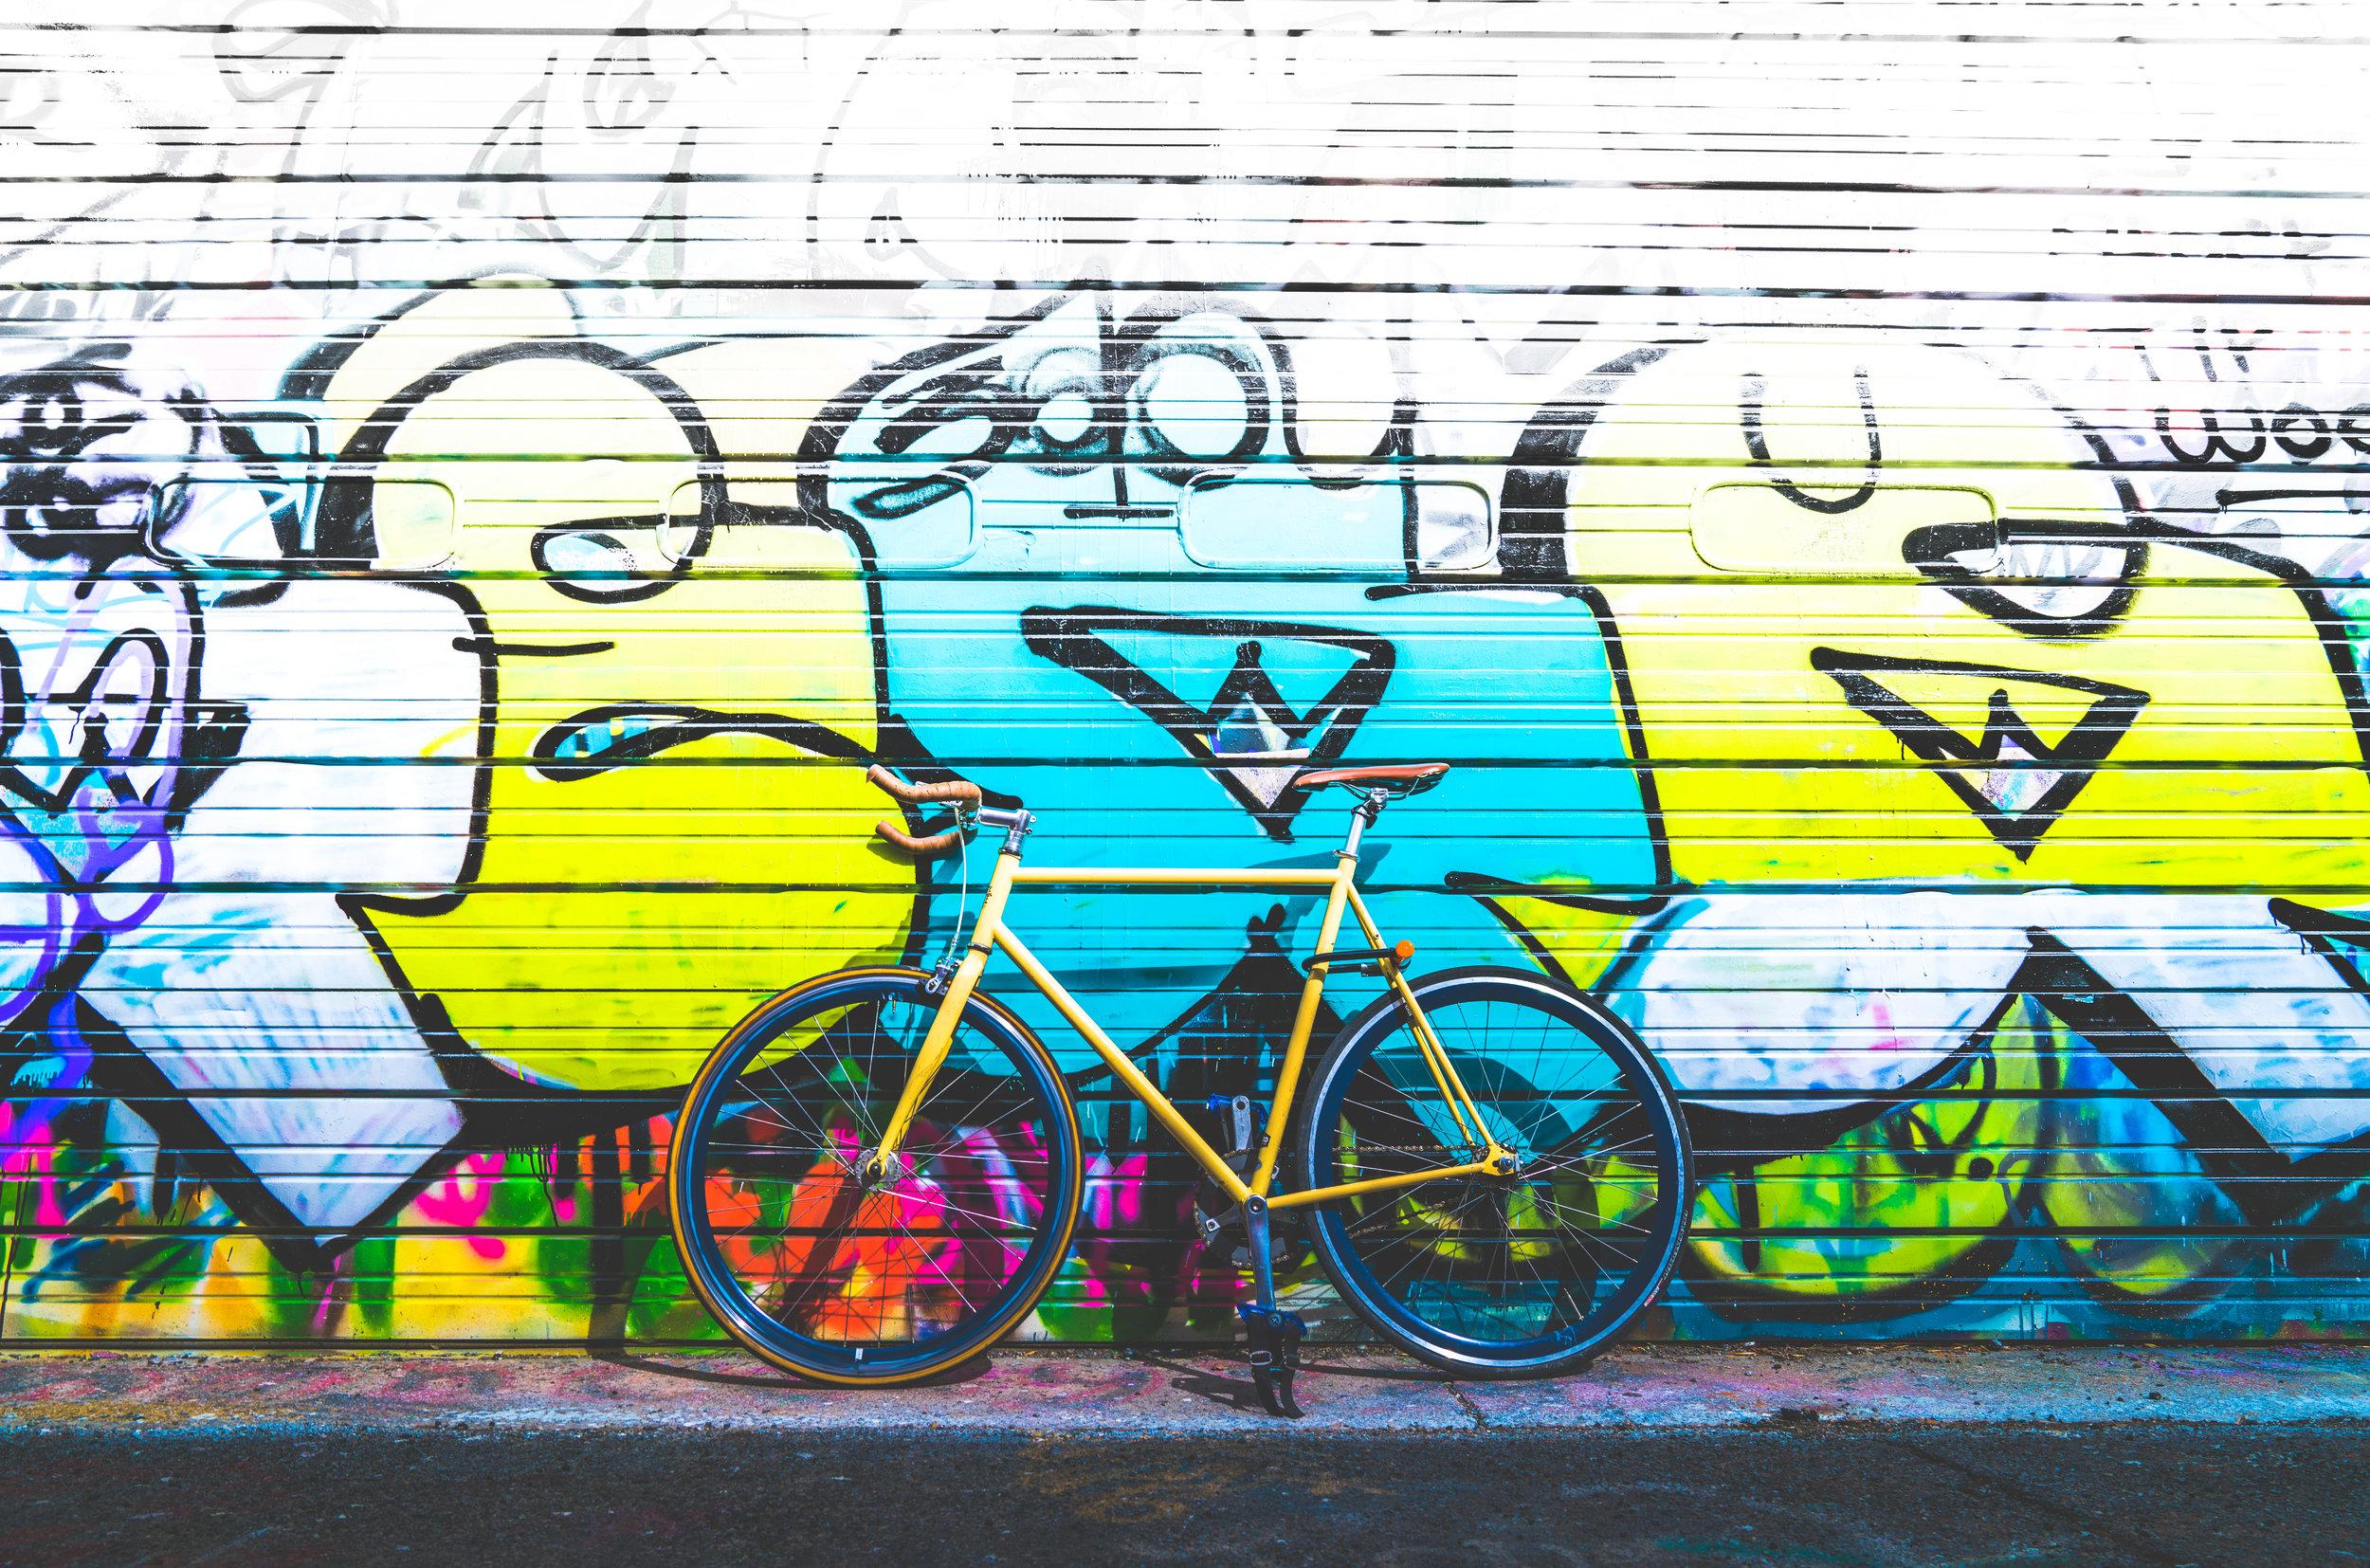 """My favorite alleyway with my favorite bike in my favorite hometown. The infamous """"graffiti alley"""" in Billings, Mt."""